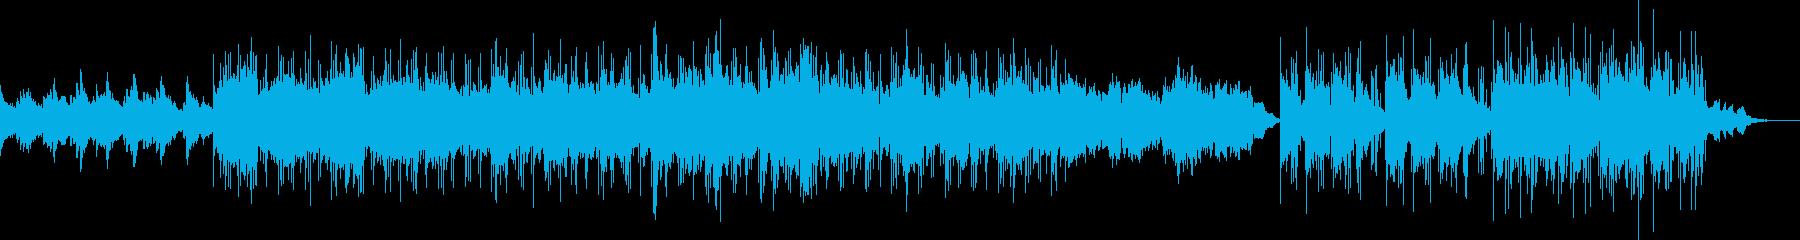 メランコリックなBGMの再生済みの波形